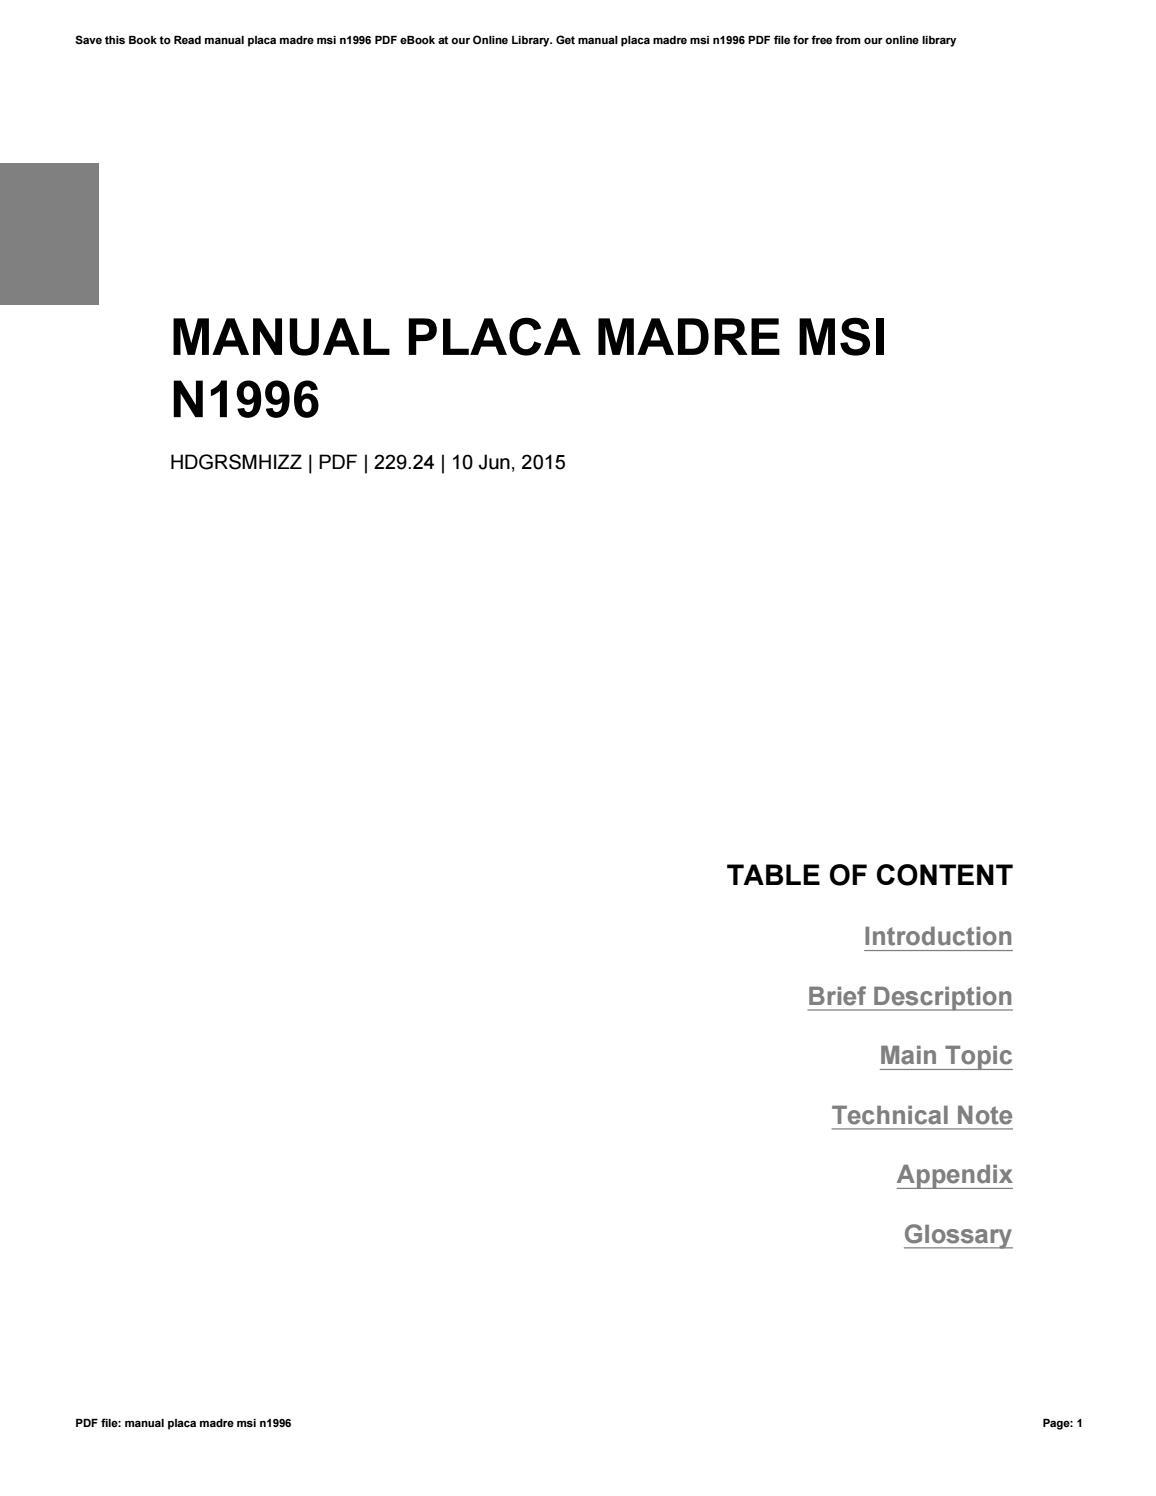 manual placa madre msi n1996 by edward issuu rh issuu com MSI N1996 Motherboard MSI N1996 AMD